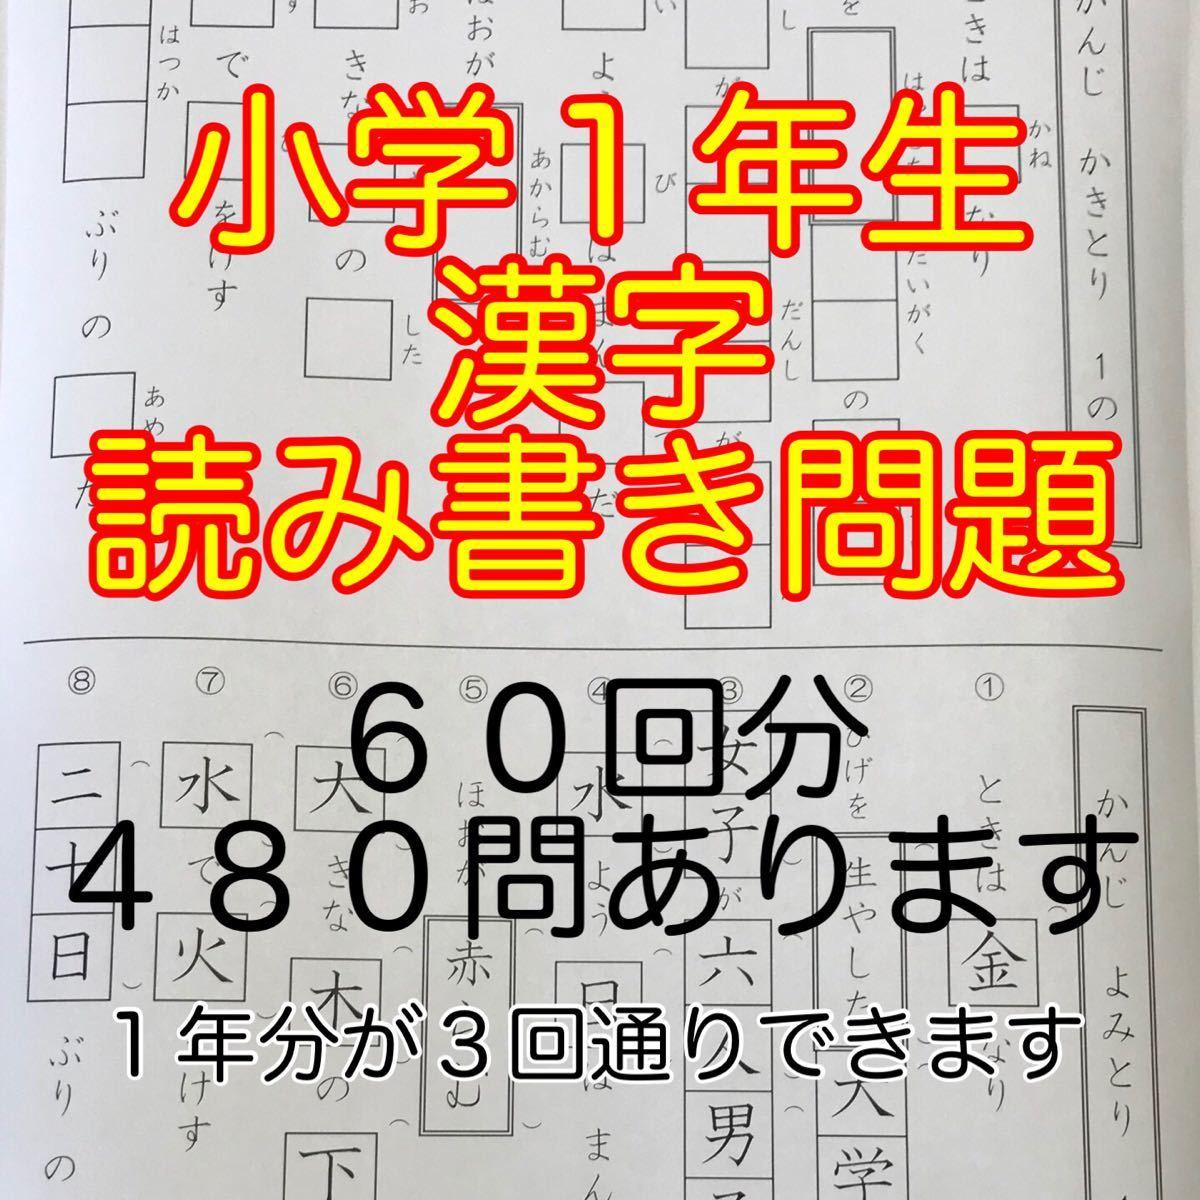 小学1年生 国語 漢字 プリント ドリル 問題 読み書き 公文 チャレンジ